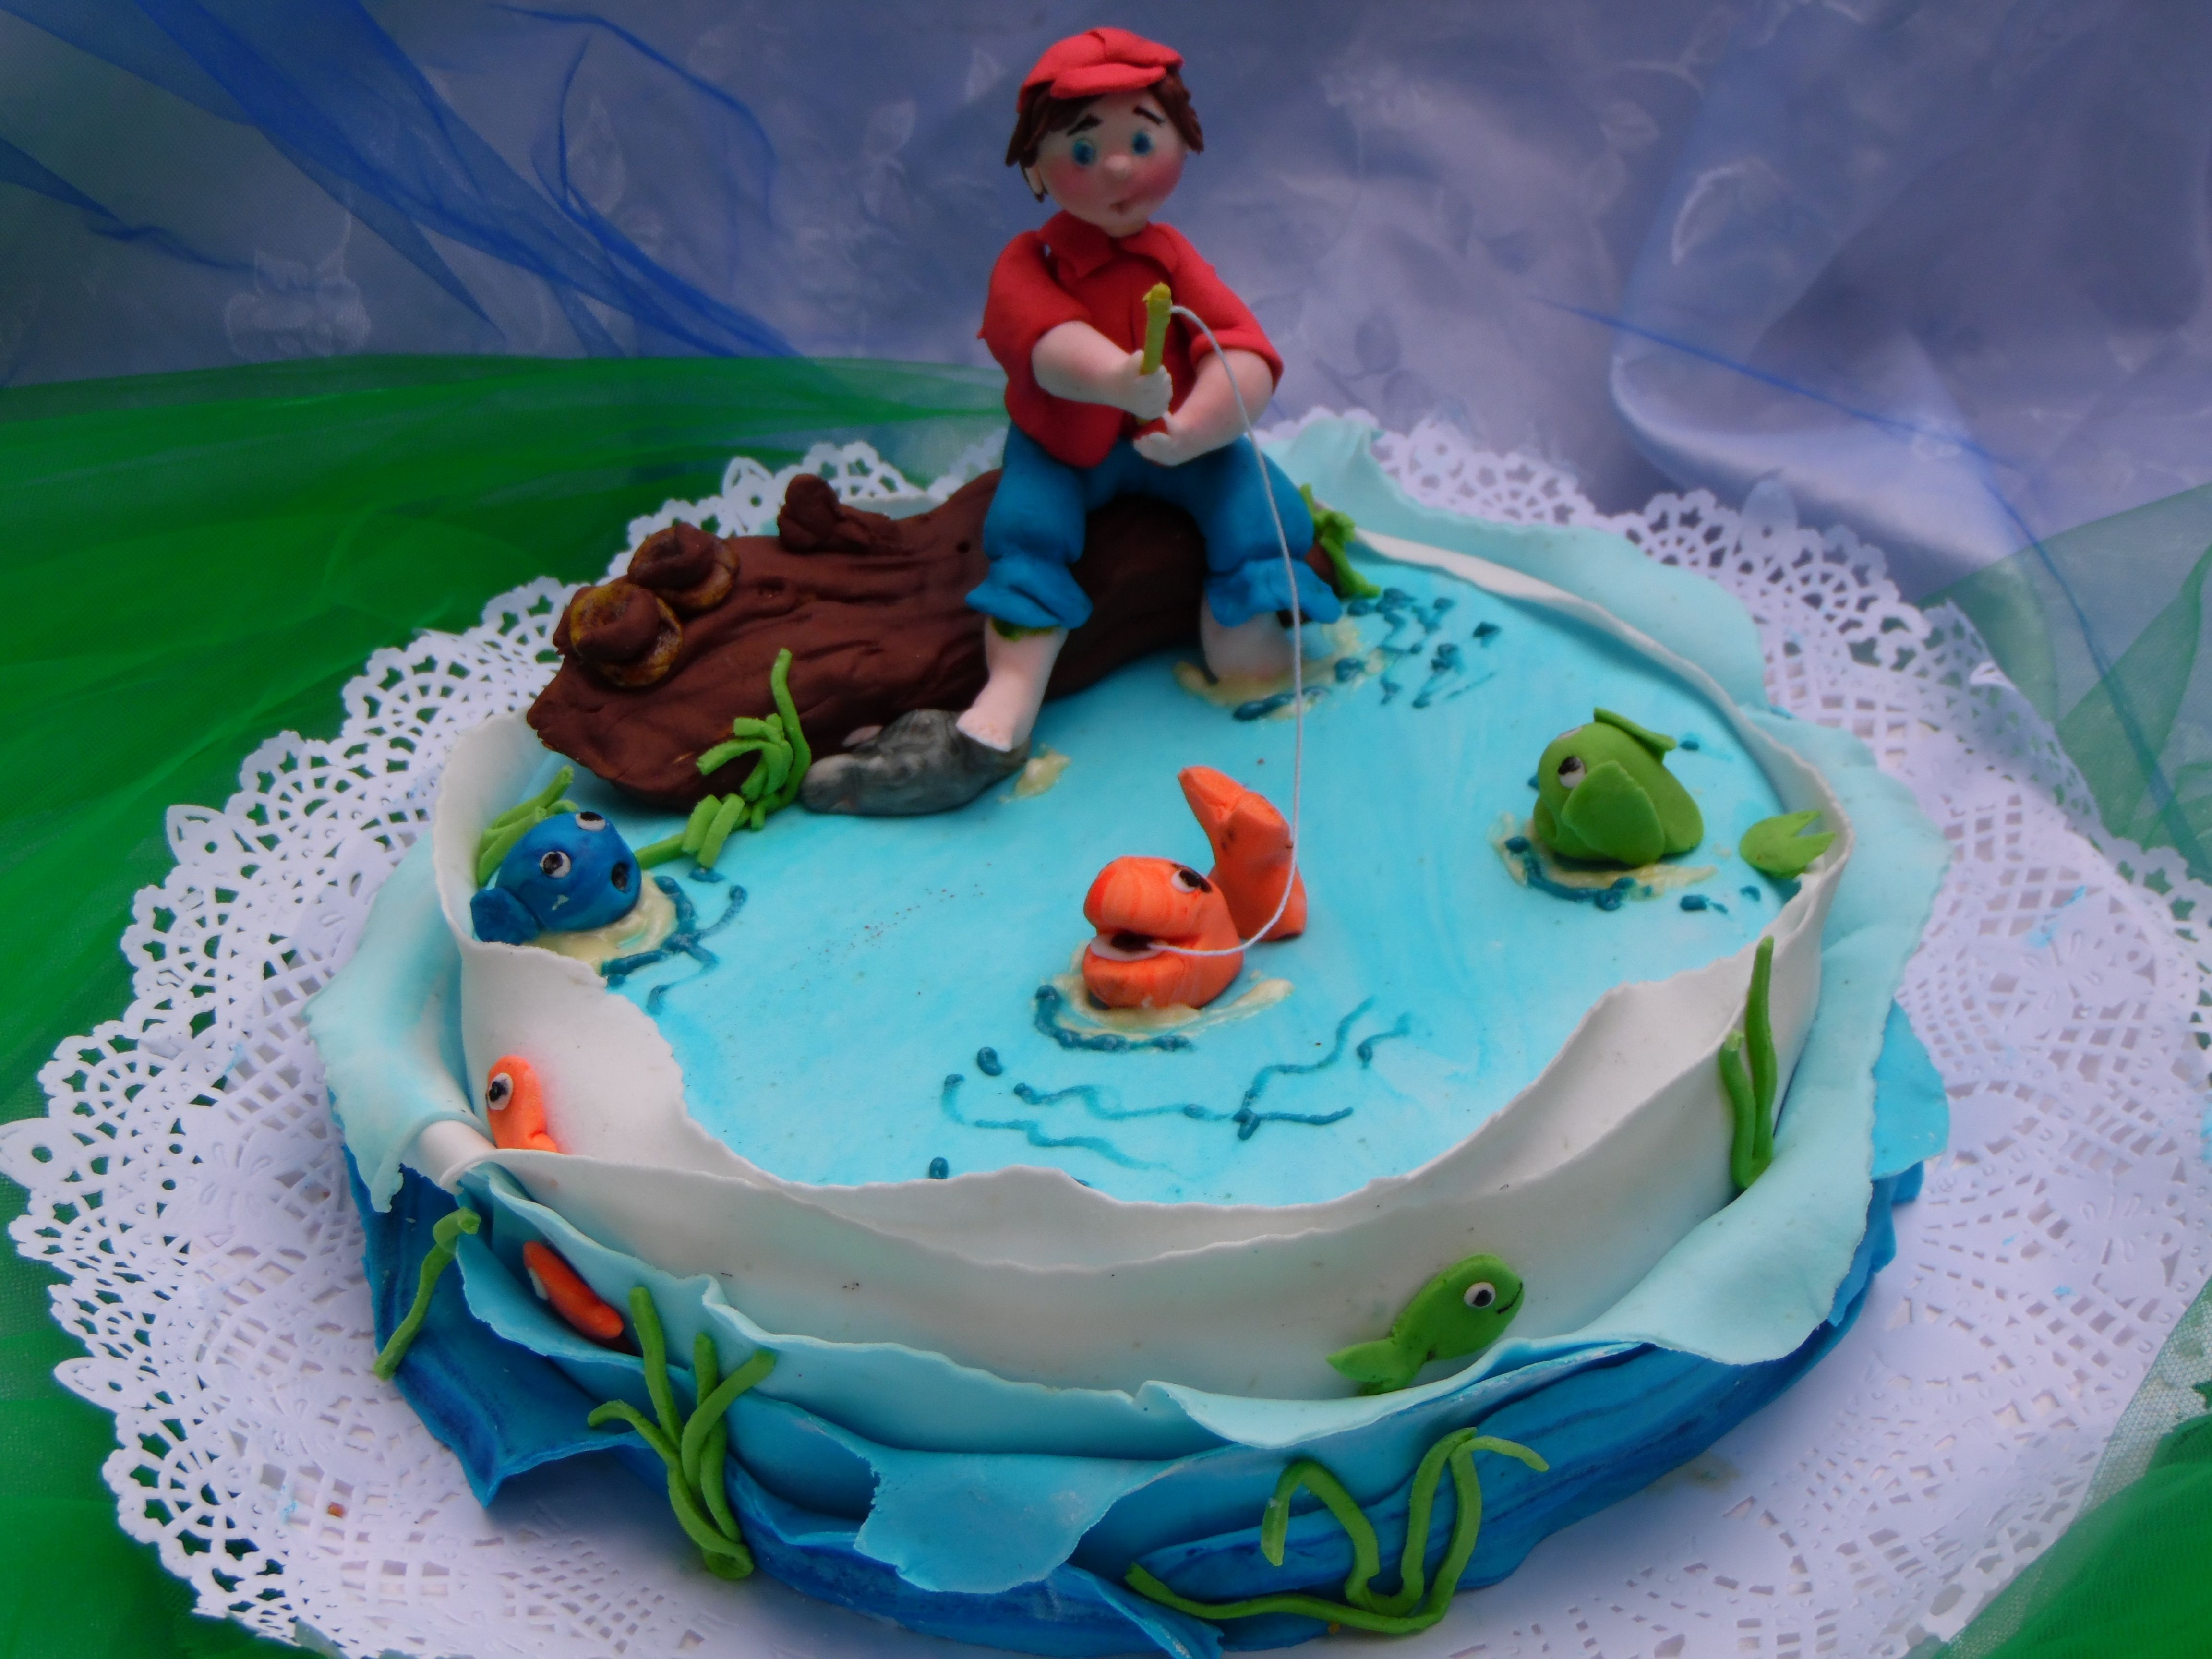 torta de pescador | tortas | Pinterest | Pescador, Tortilla y ...